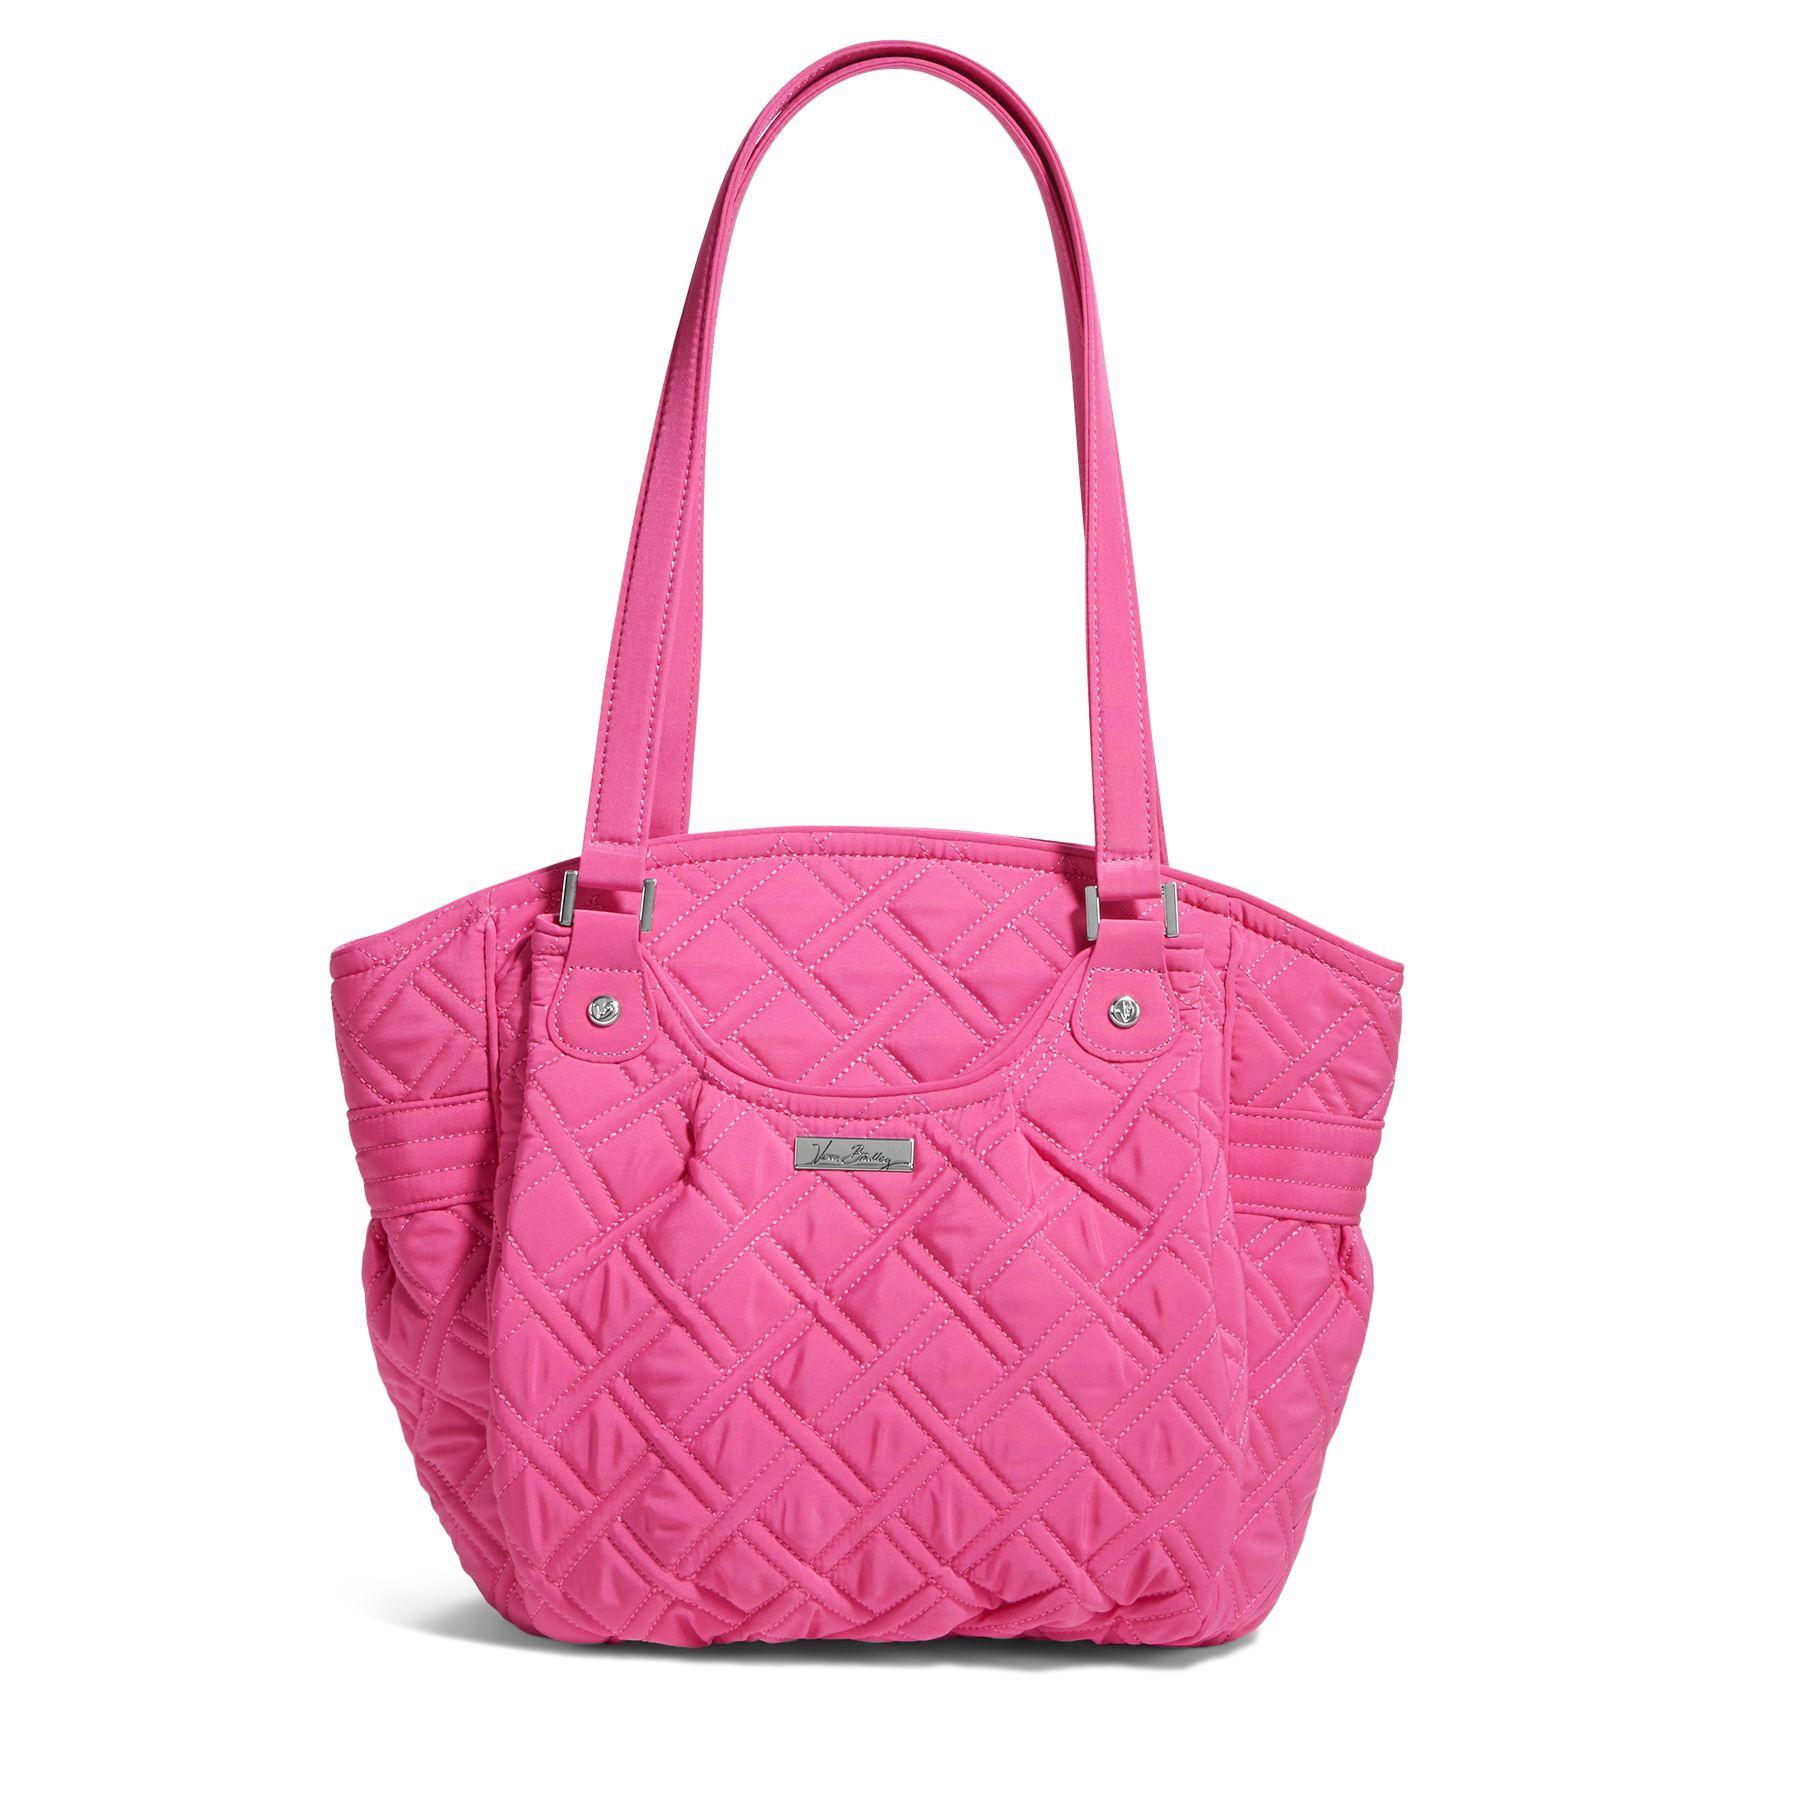 Vera Bradley Glenna Shoulder Bag in Fuchsia